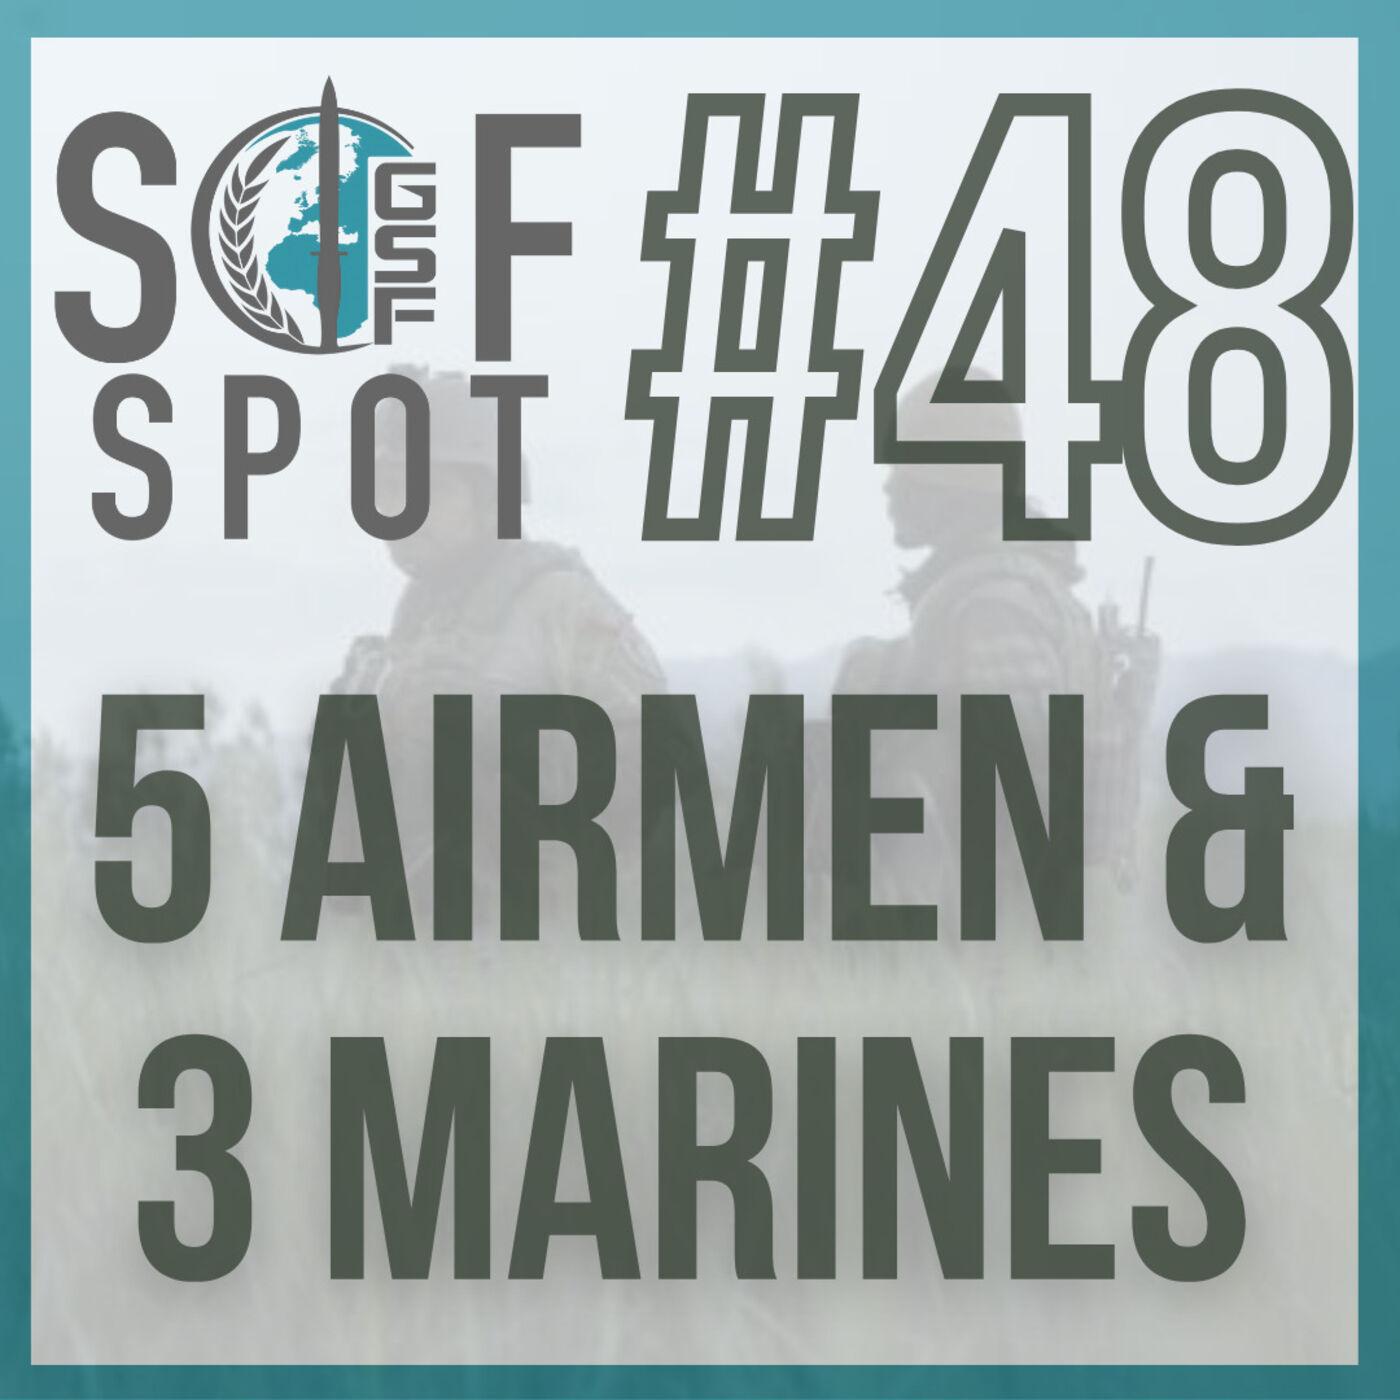 5 Airmen & 3 Marines